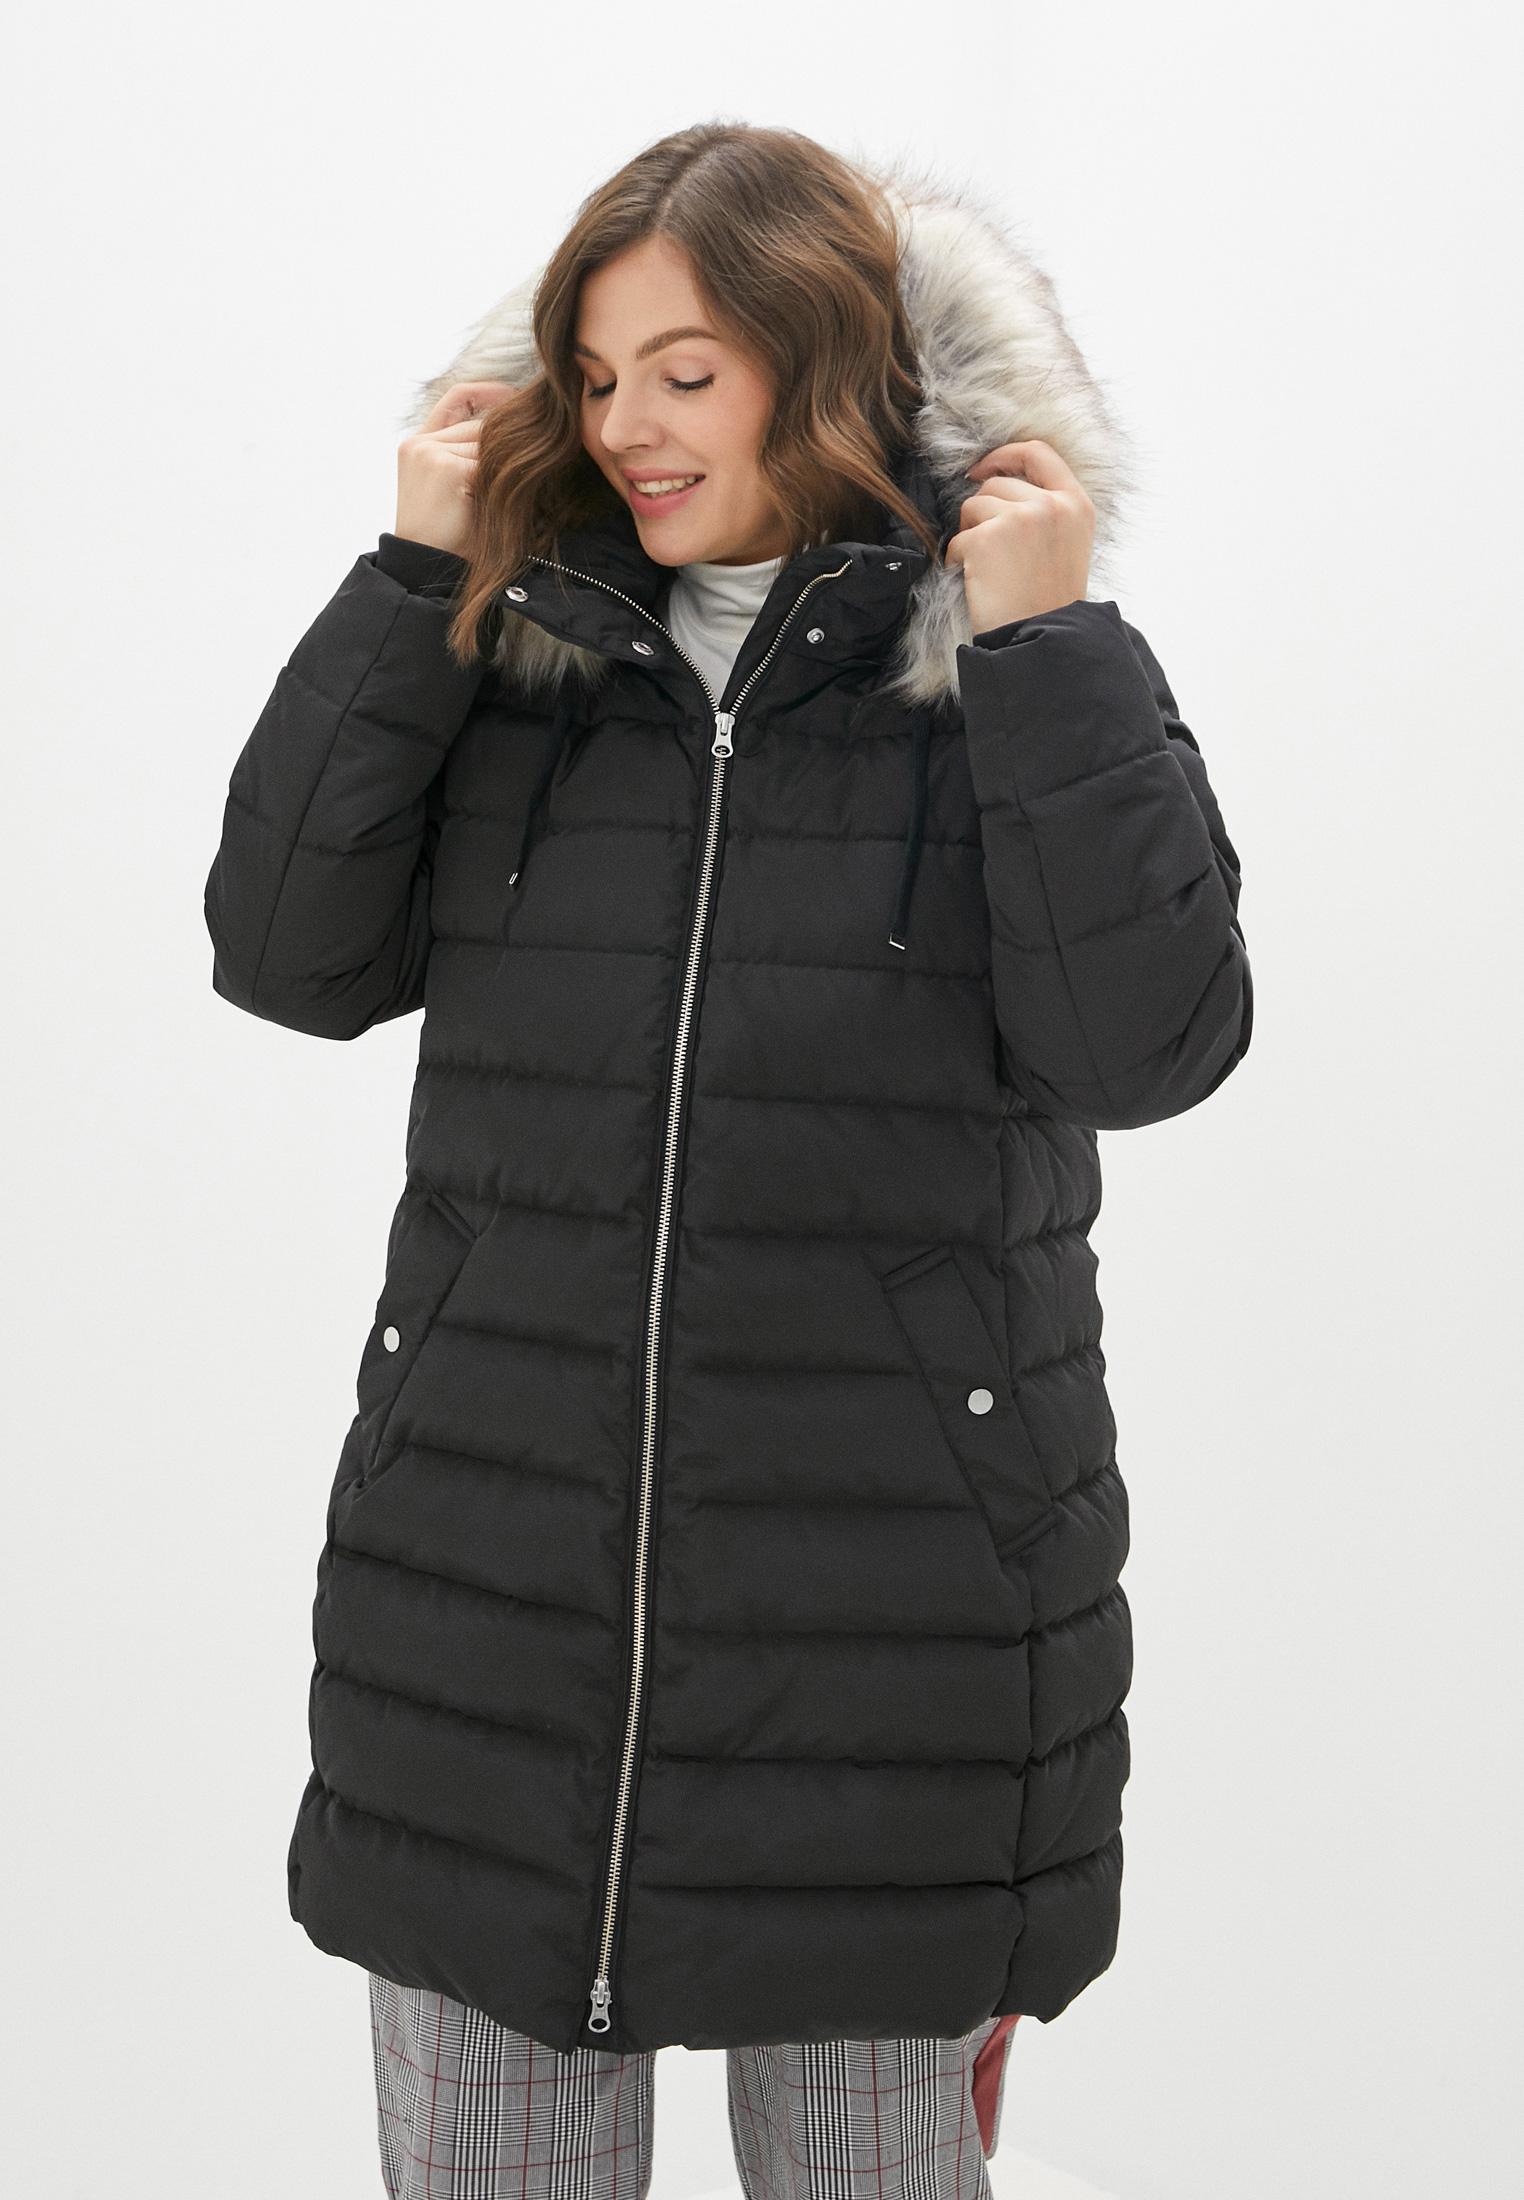 Утепленная куртка Junarose Куртка утепленная Junarose